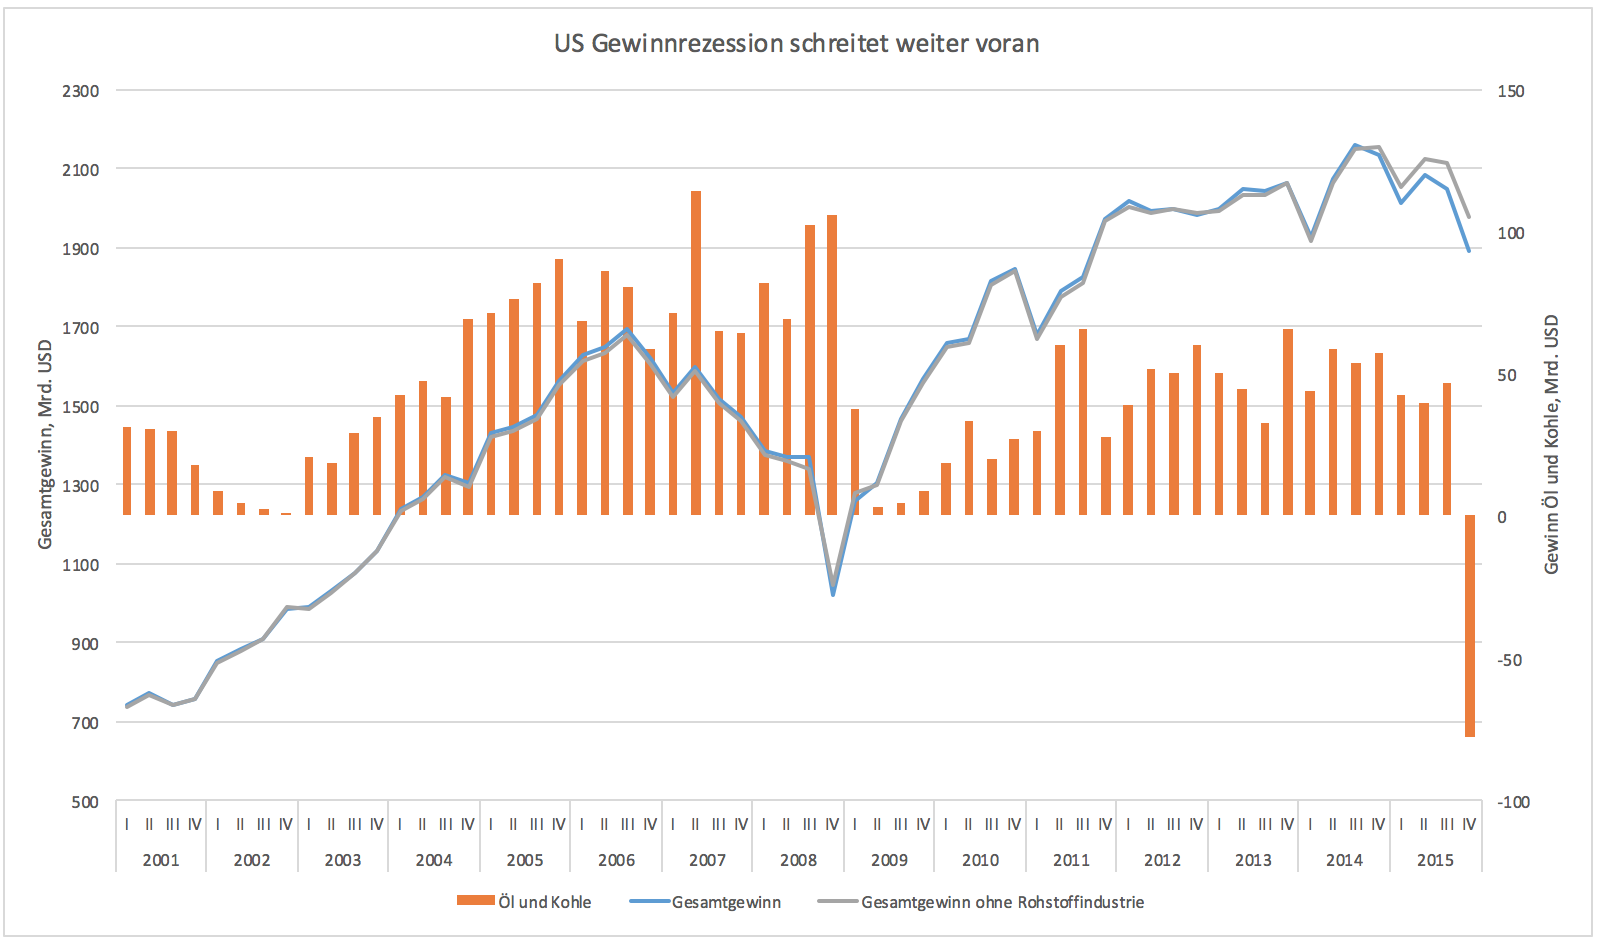 USA: Gewinnrezession bei den Unternehmen geht weiter! | GodmodeTrader